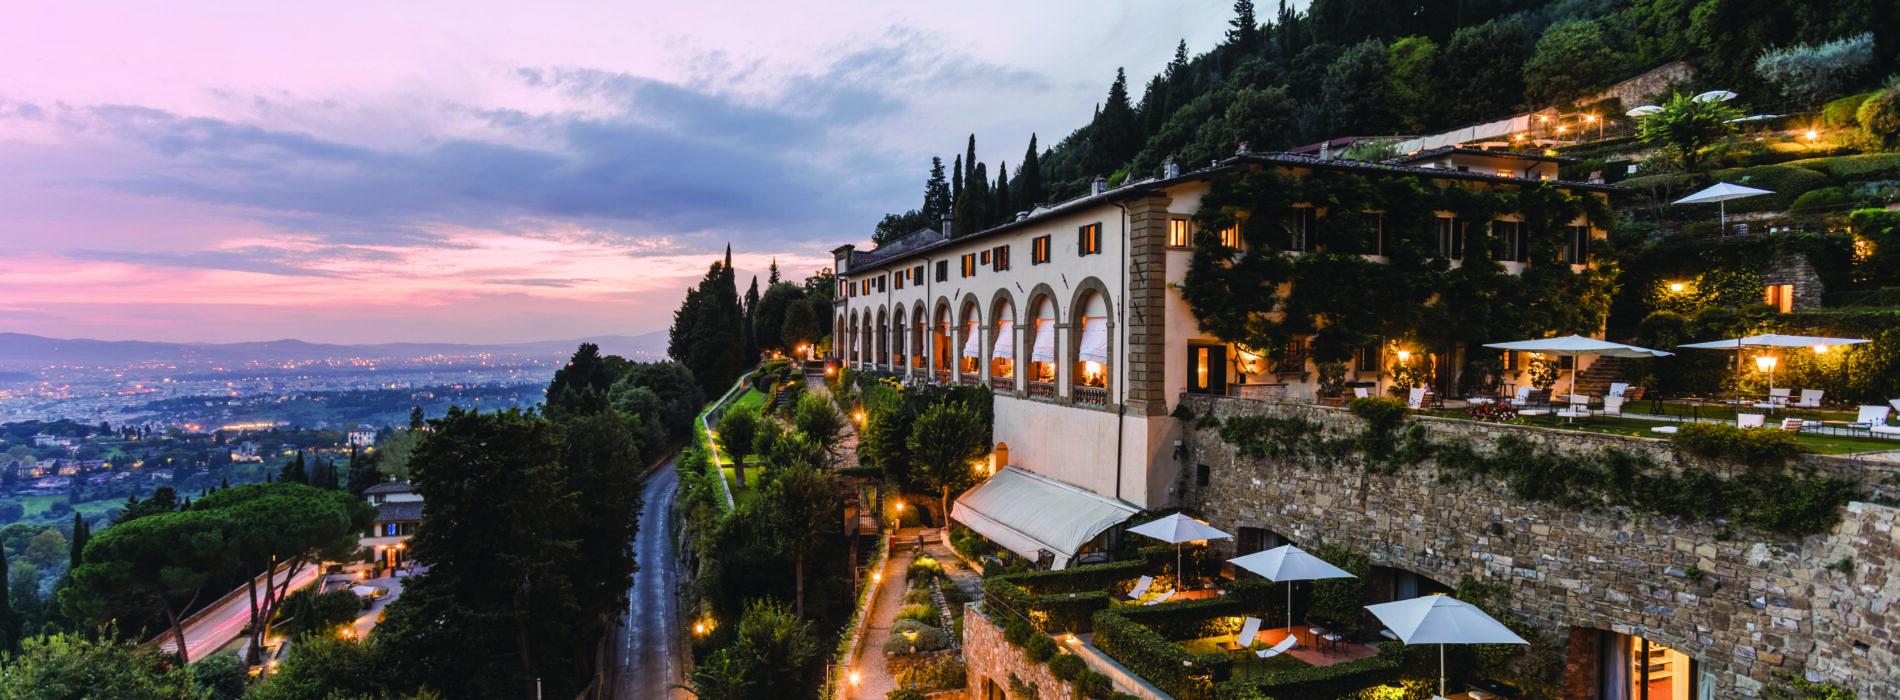 La Loggia di Villa San Michele a Fiesole riapre al pubblico: fuga in collina a pochi minuti dalla città